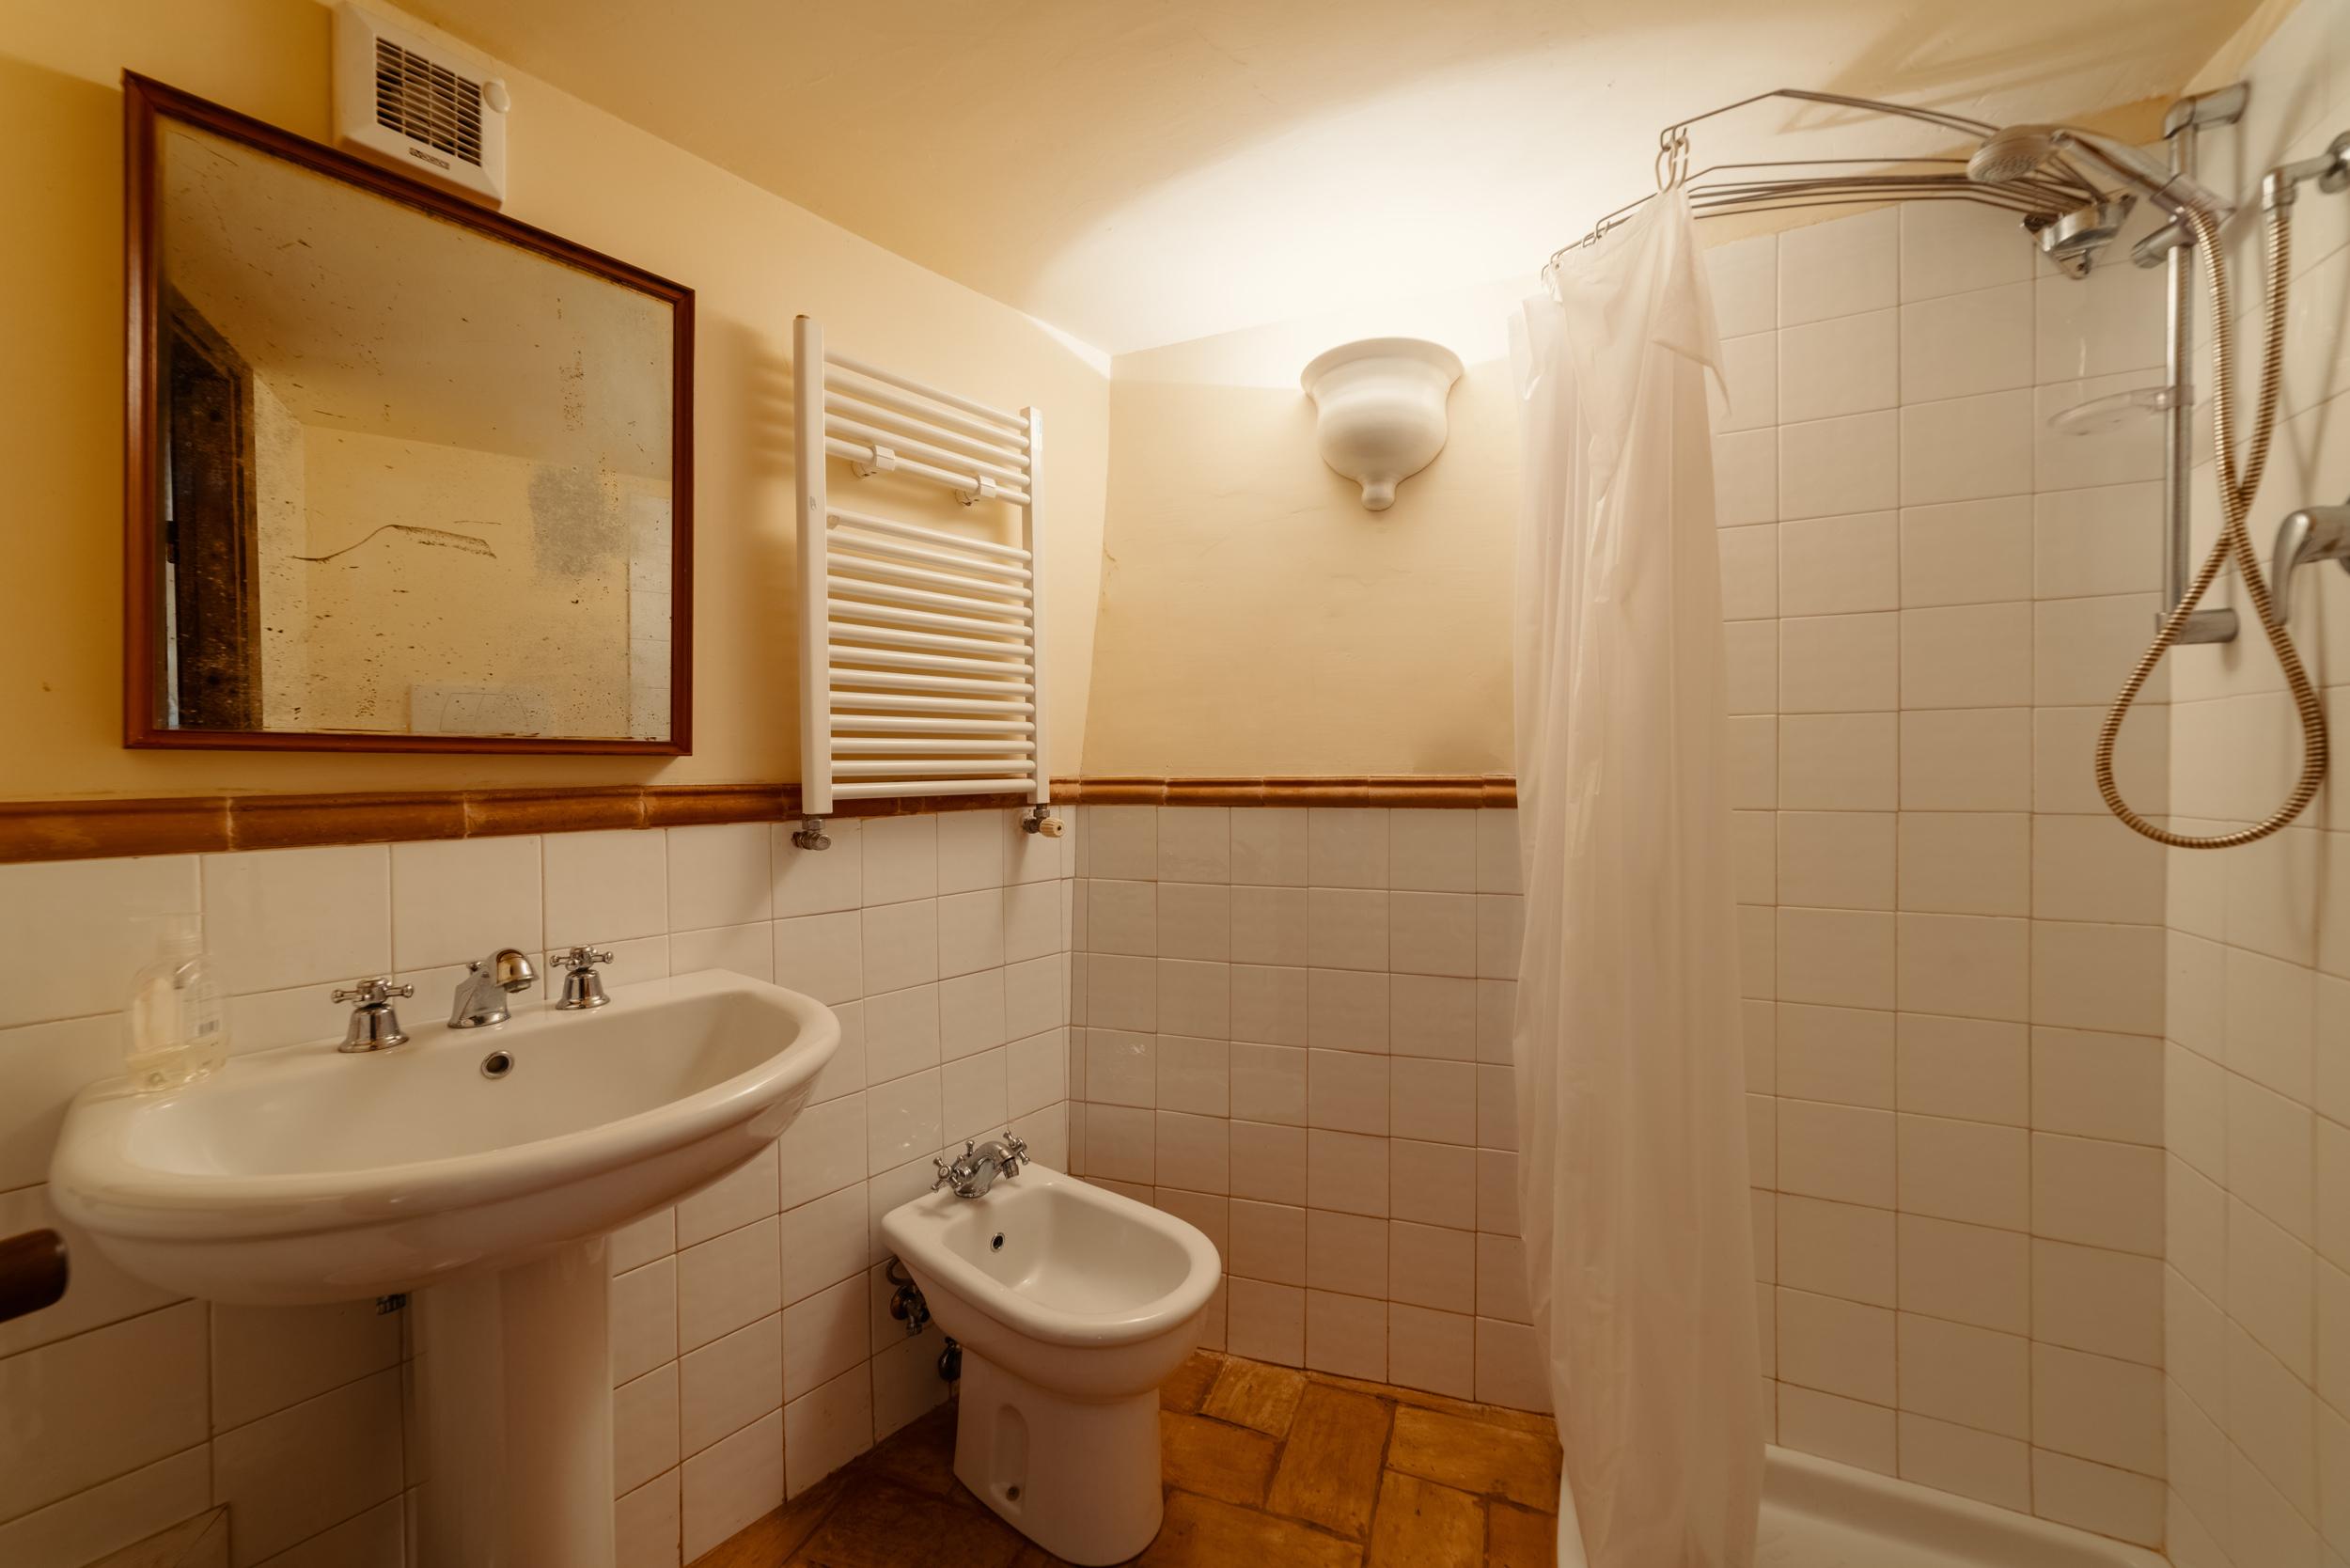 Underground bathroom with toilet, bidet and shower.